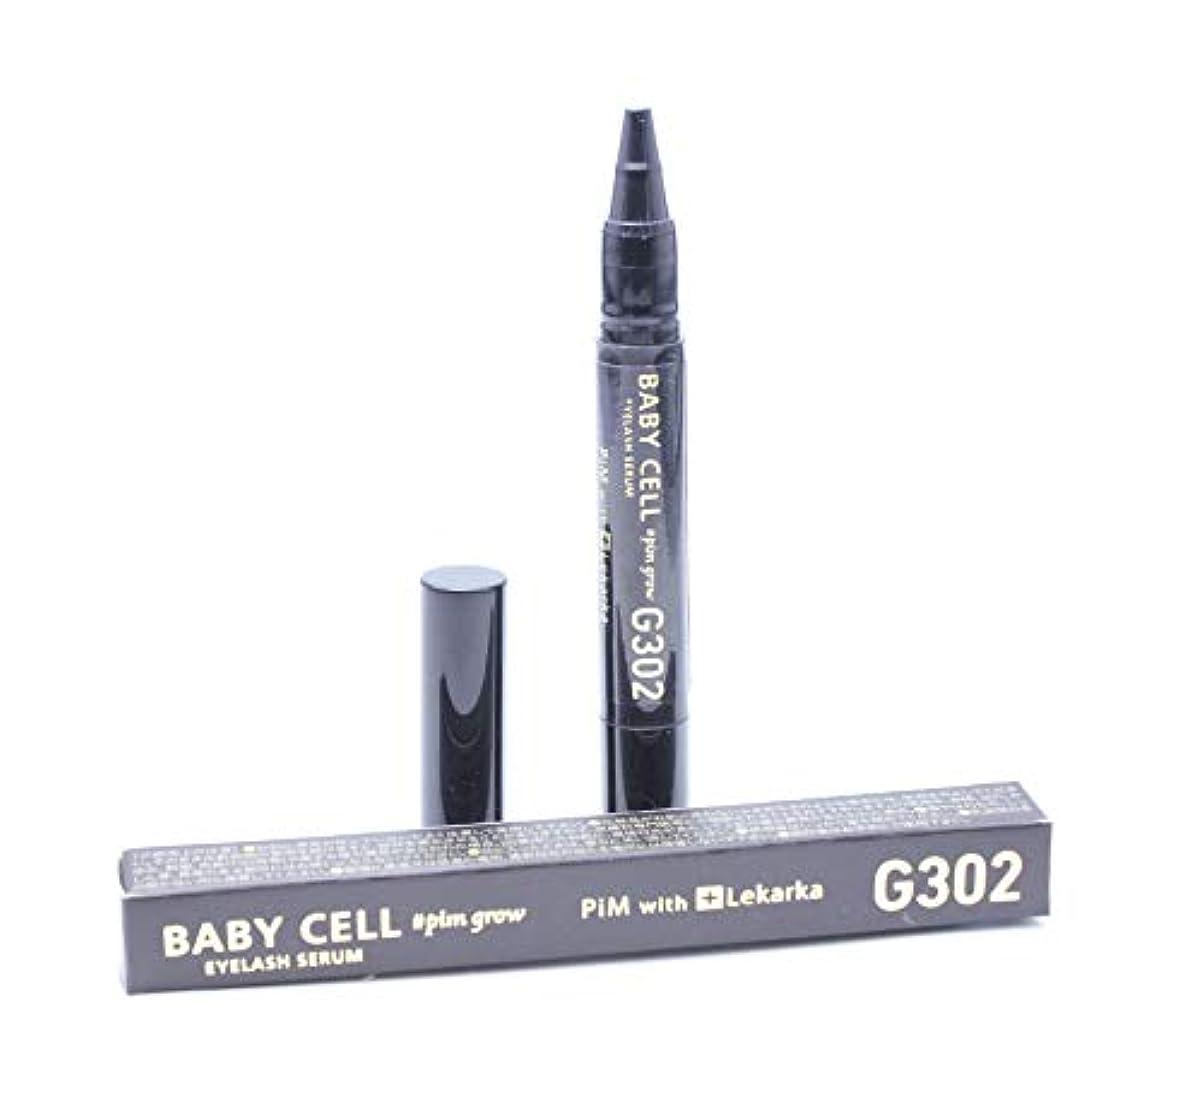 飼料経過見通しBABLY CELL アイラッシュセラムG302 まつ毛美容液 歯髄幹細胞再生因子コスメ